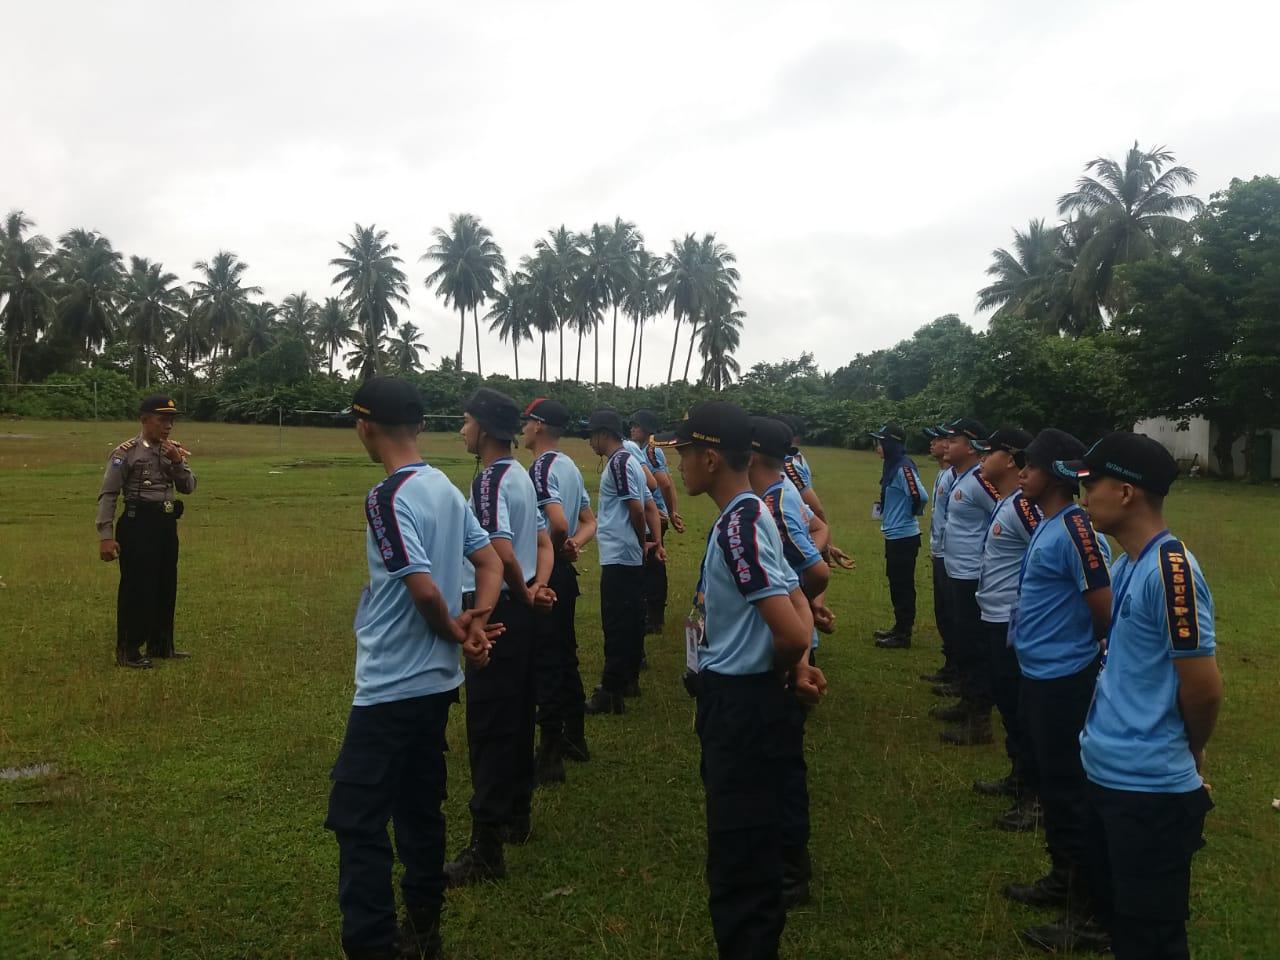 Harkamtibmas, Polres Bengkulu Selatan Gelar Latihan Dalmas Bersama Polsus Pas